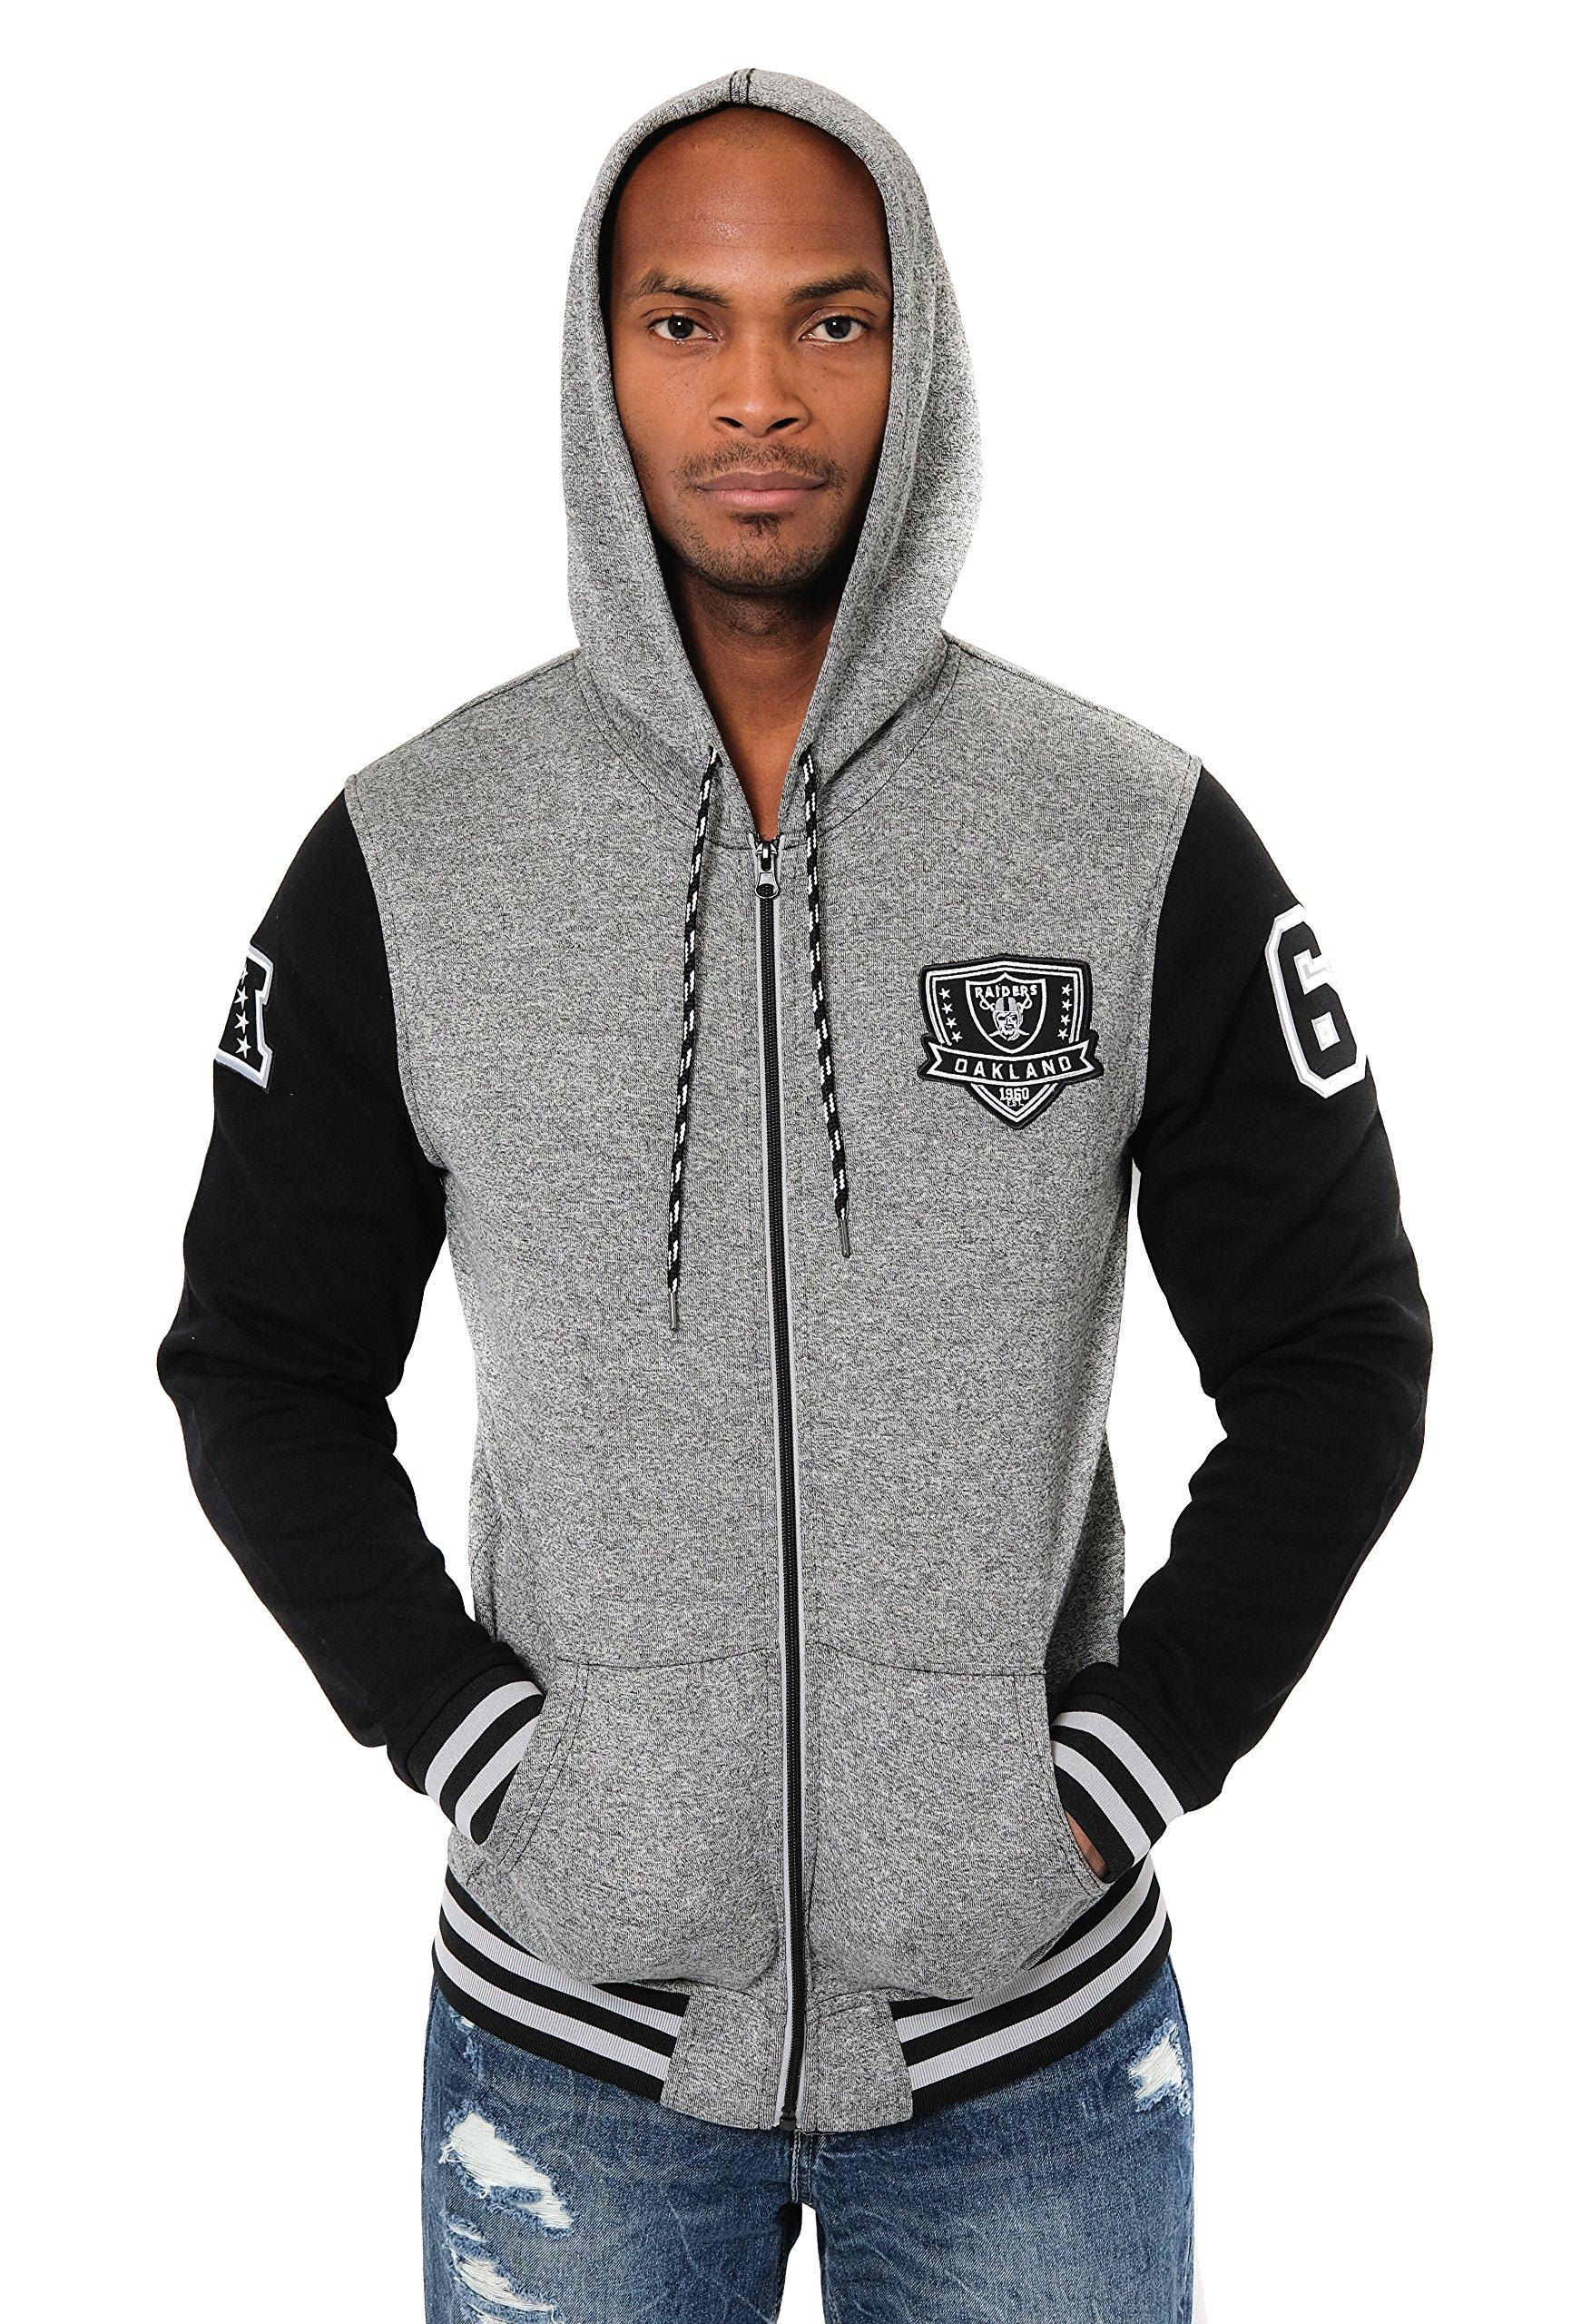 Raiders Windbreaker Jacket | Raiders Team Store | Raiders Varsity Jacket